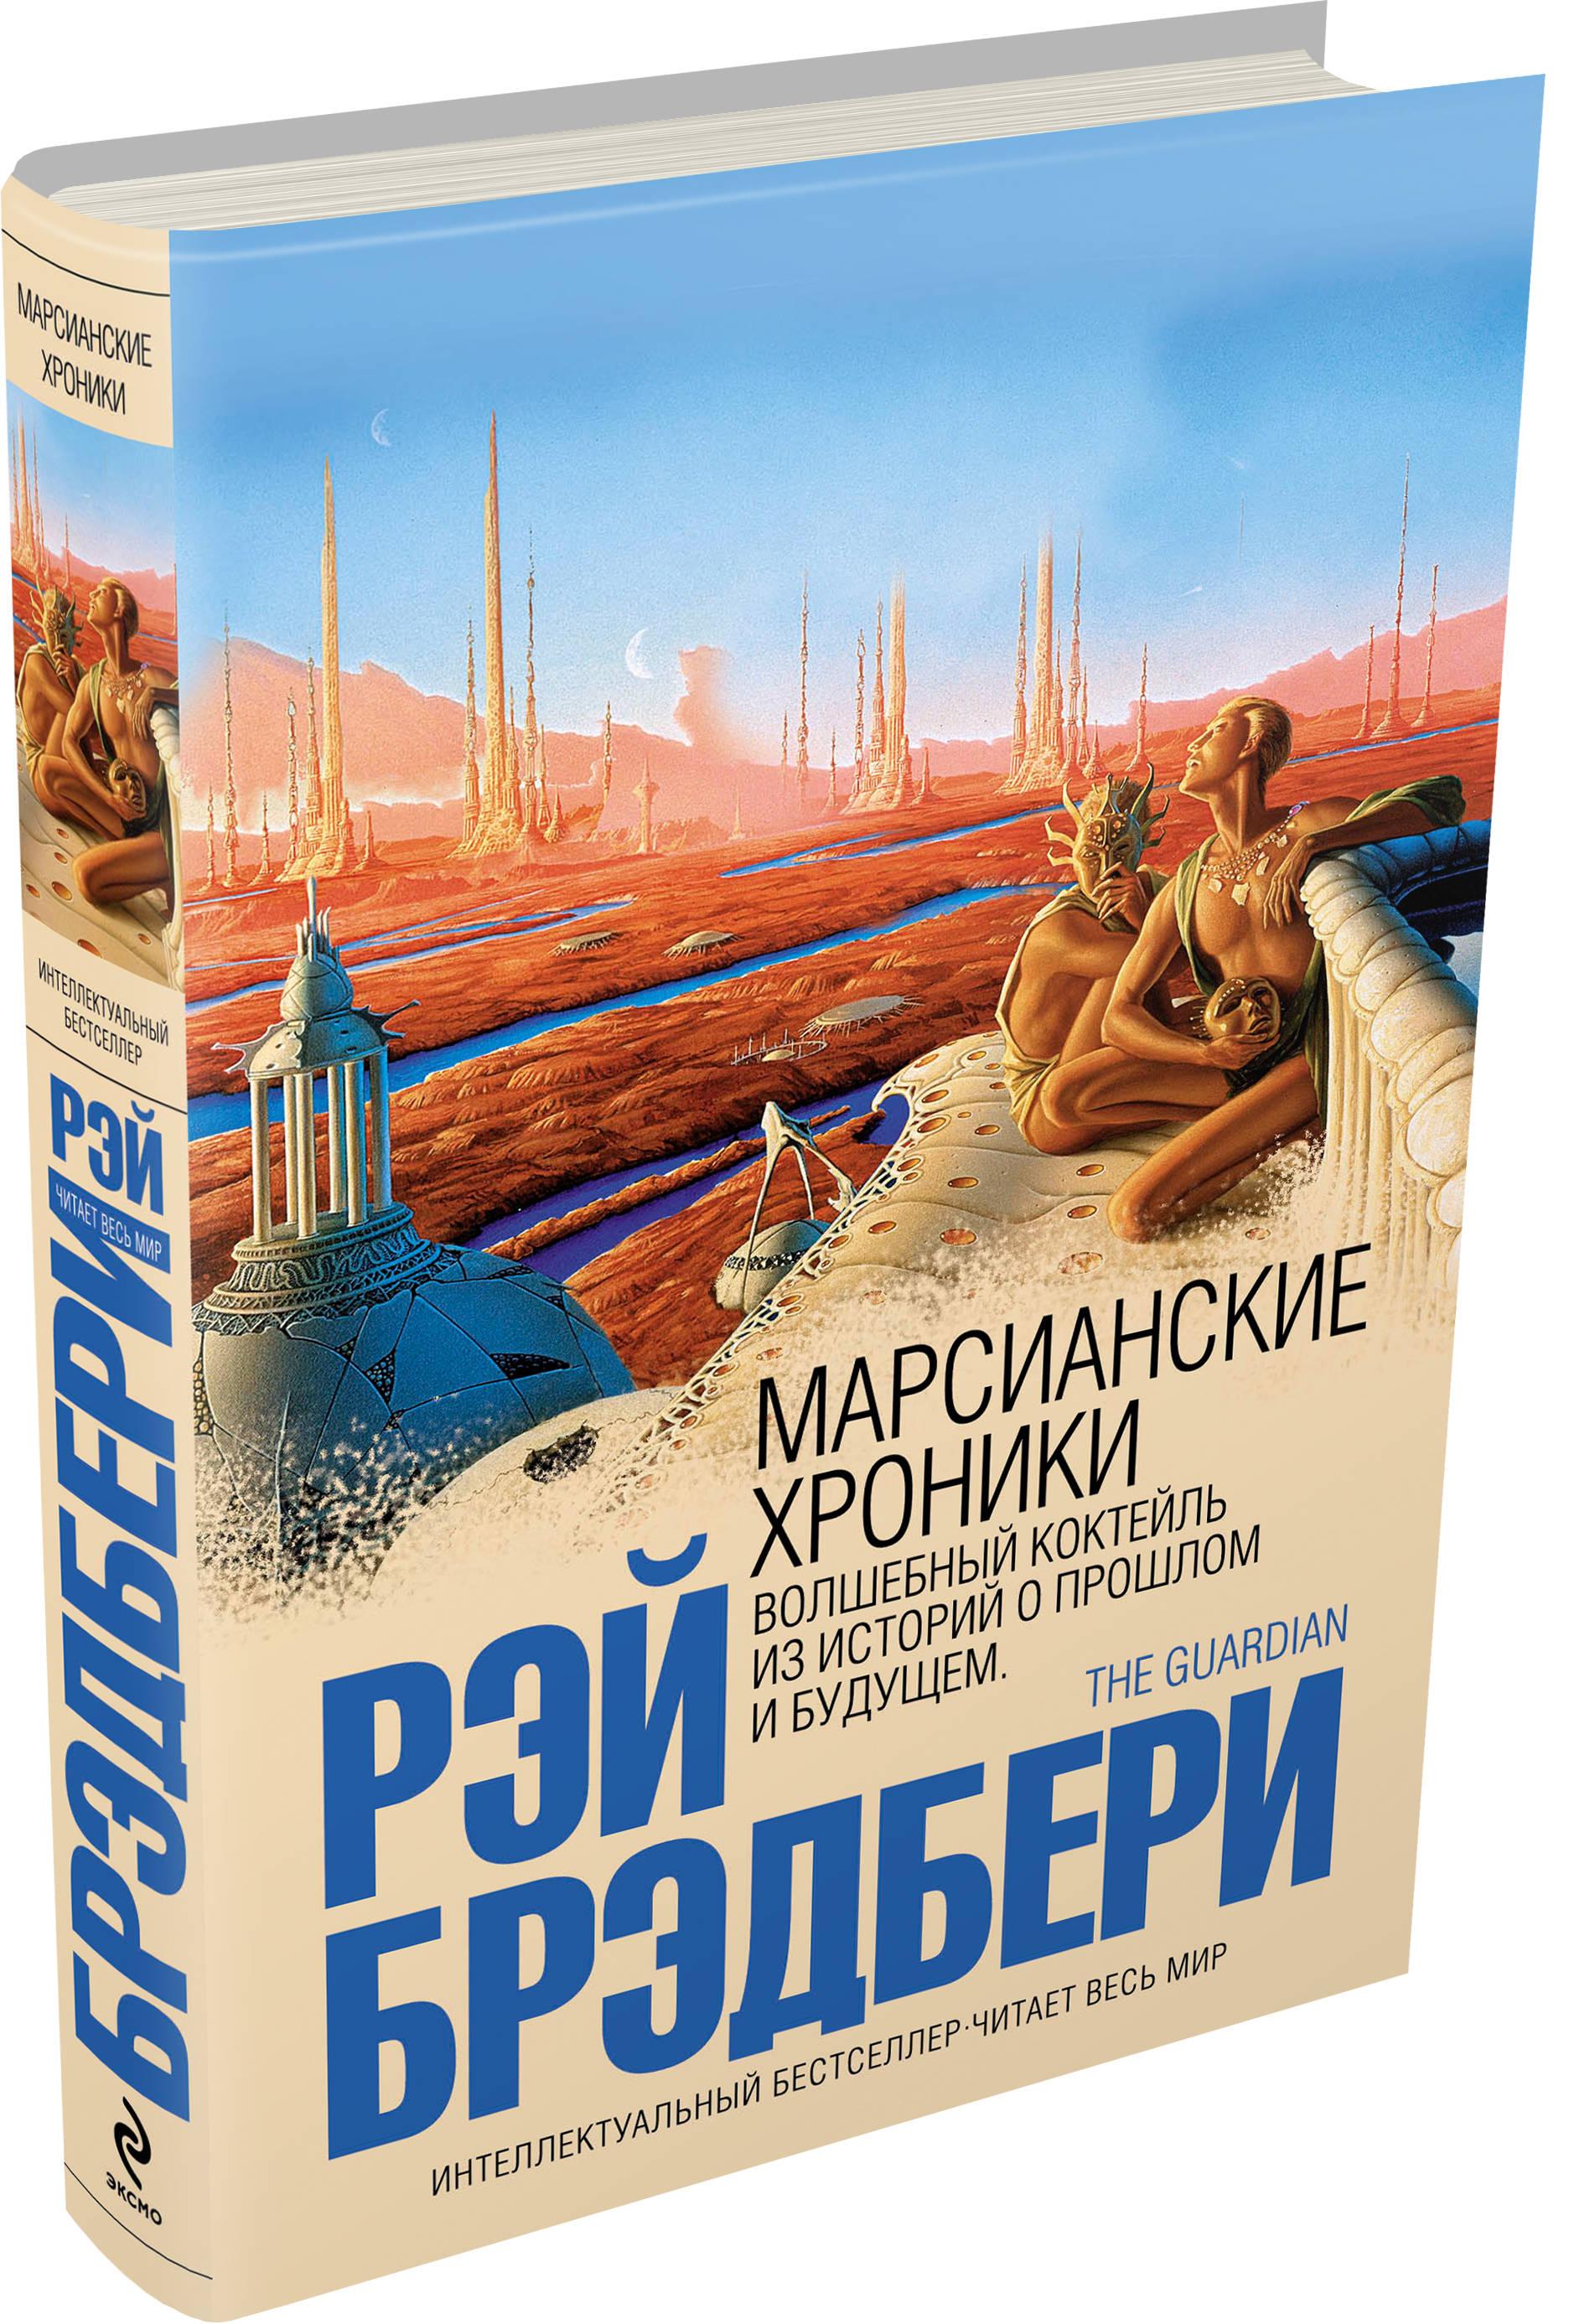 Марсианские хроники от book24.ru